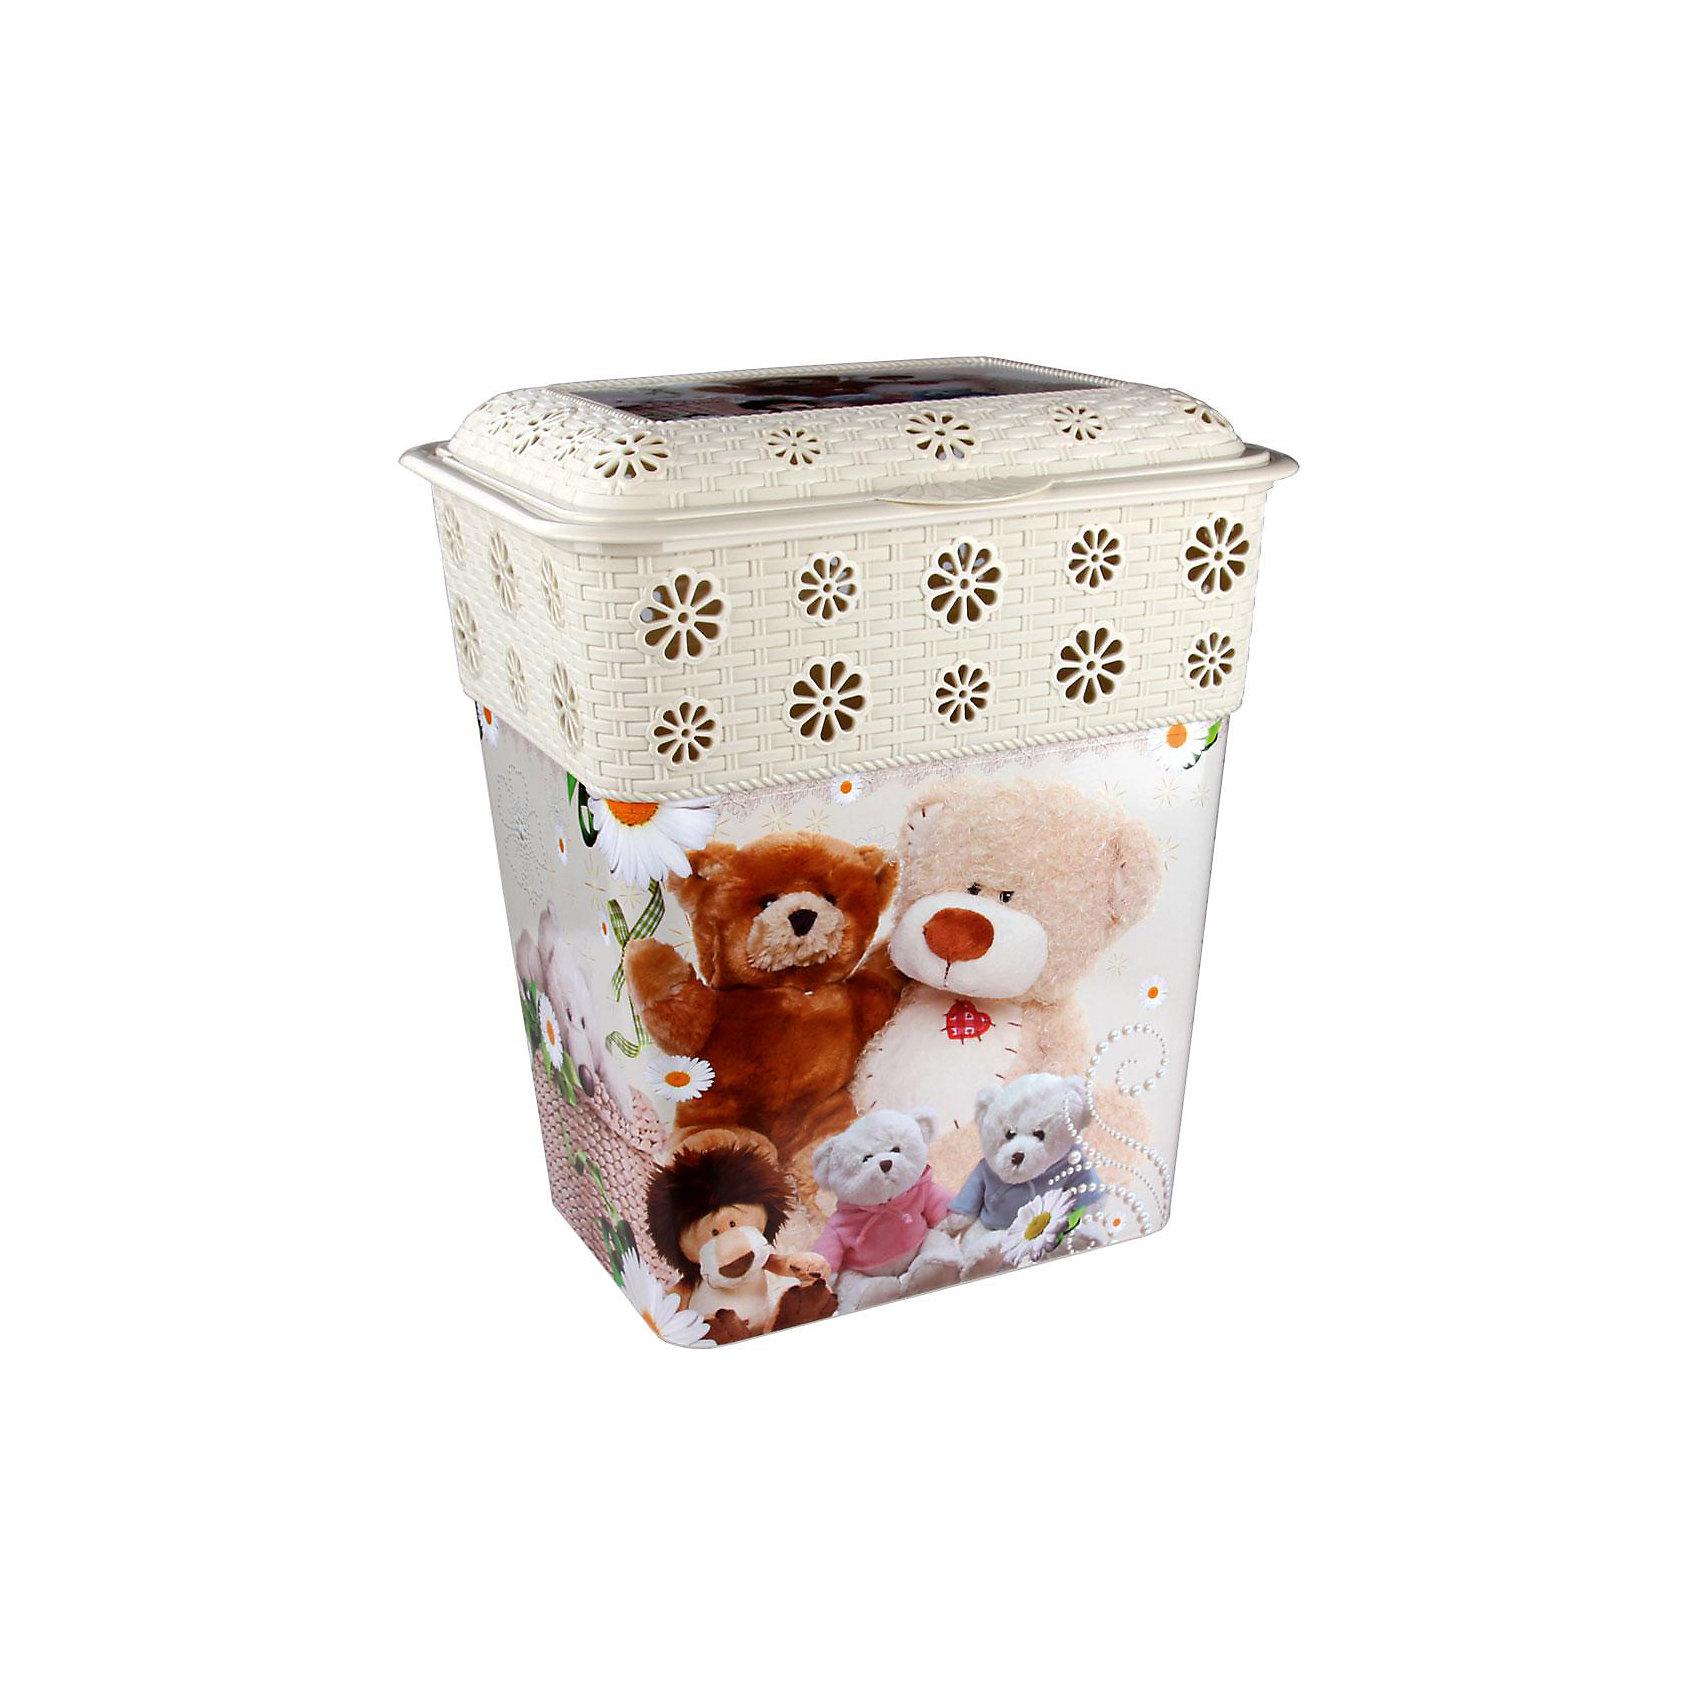 Корзина универсальная Детская мечта 60л.,  AlternativaКорзины для игрушек<br>Универсальная корзина Детская мечта достаточно вместительная для хранения различных мелочей и безделушек. Она закрывается крышкой и декорирована милым рисунком с медвежатами. Корзина с приятным дизайном прекрасно впишется в интерьер вашего дома!<br><br>Дополнительная информация:<br>Материал: пластик<br>Размер: 47х37х56 см<br>Объем: 60л<br><br>Корзину Детская мечта можно купить в нашем интернет-магазине.<br><br>Ширина мм: 470<br>Глубина мм: 370<br>Высота мм: 560<br>Вес г: 1745<br>Возраст от месяцев: 36<br>Возраст до месяцев: 144<br>Пол: Унисекс<br>Возраст: Детский<br>SKU: 4979743